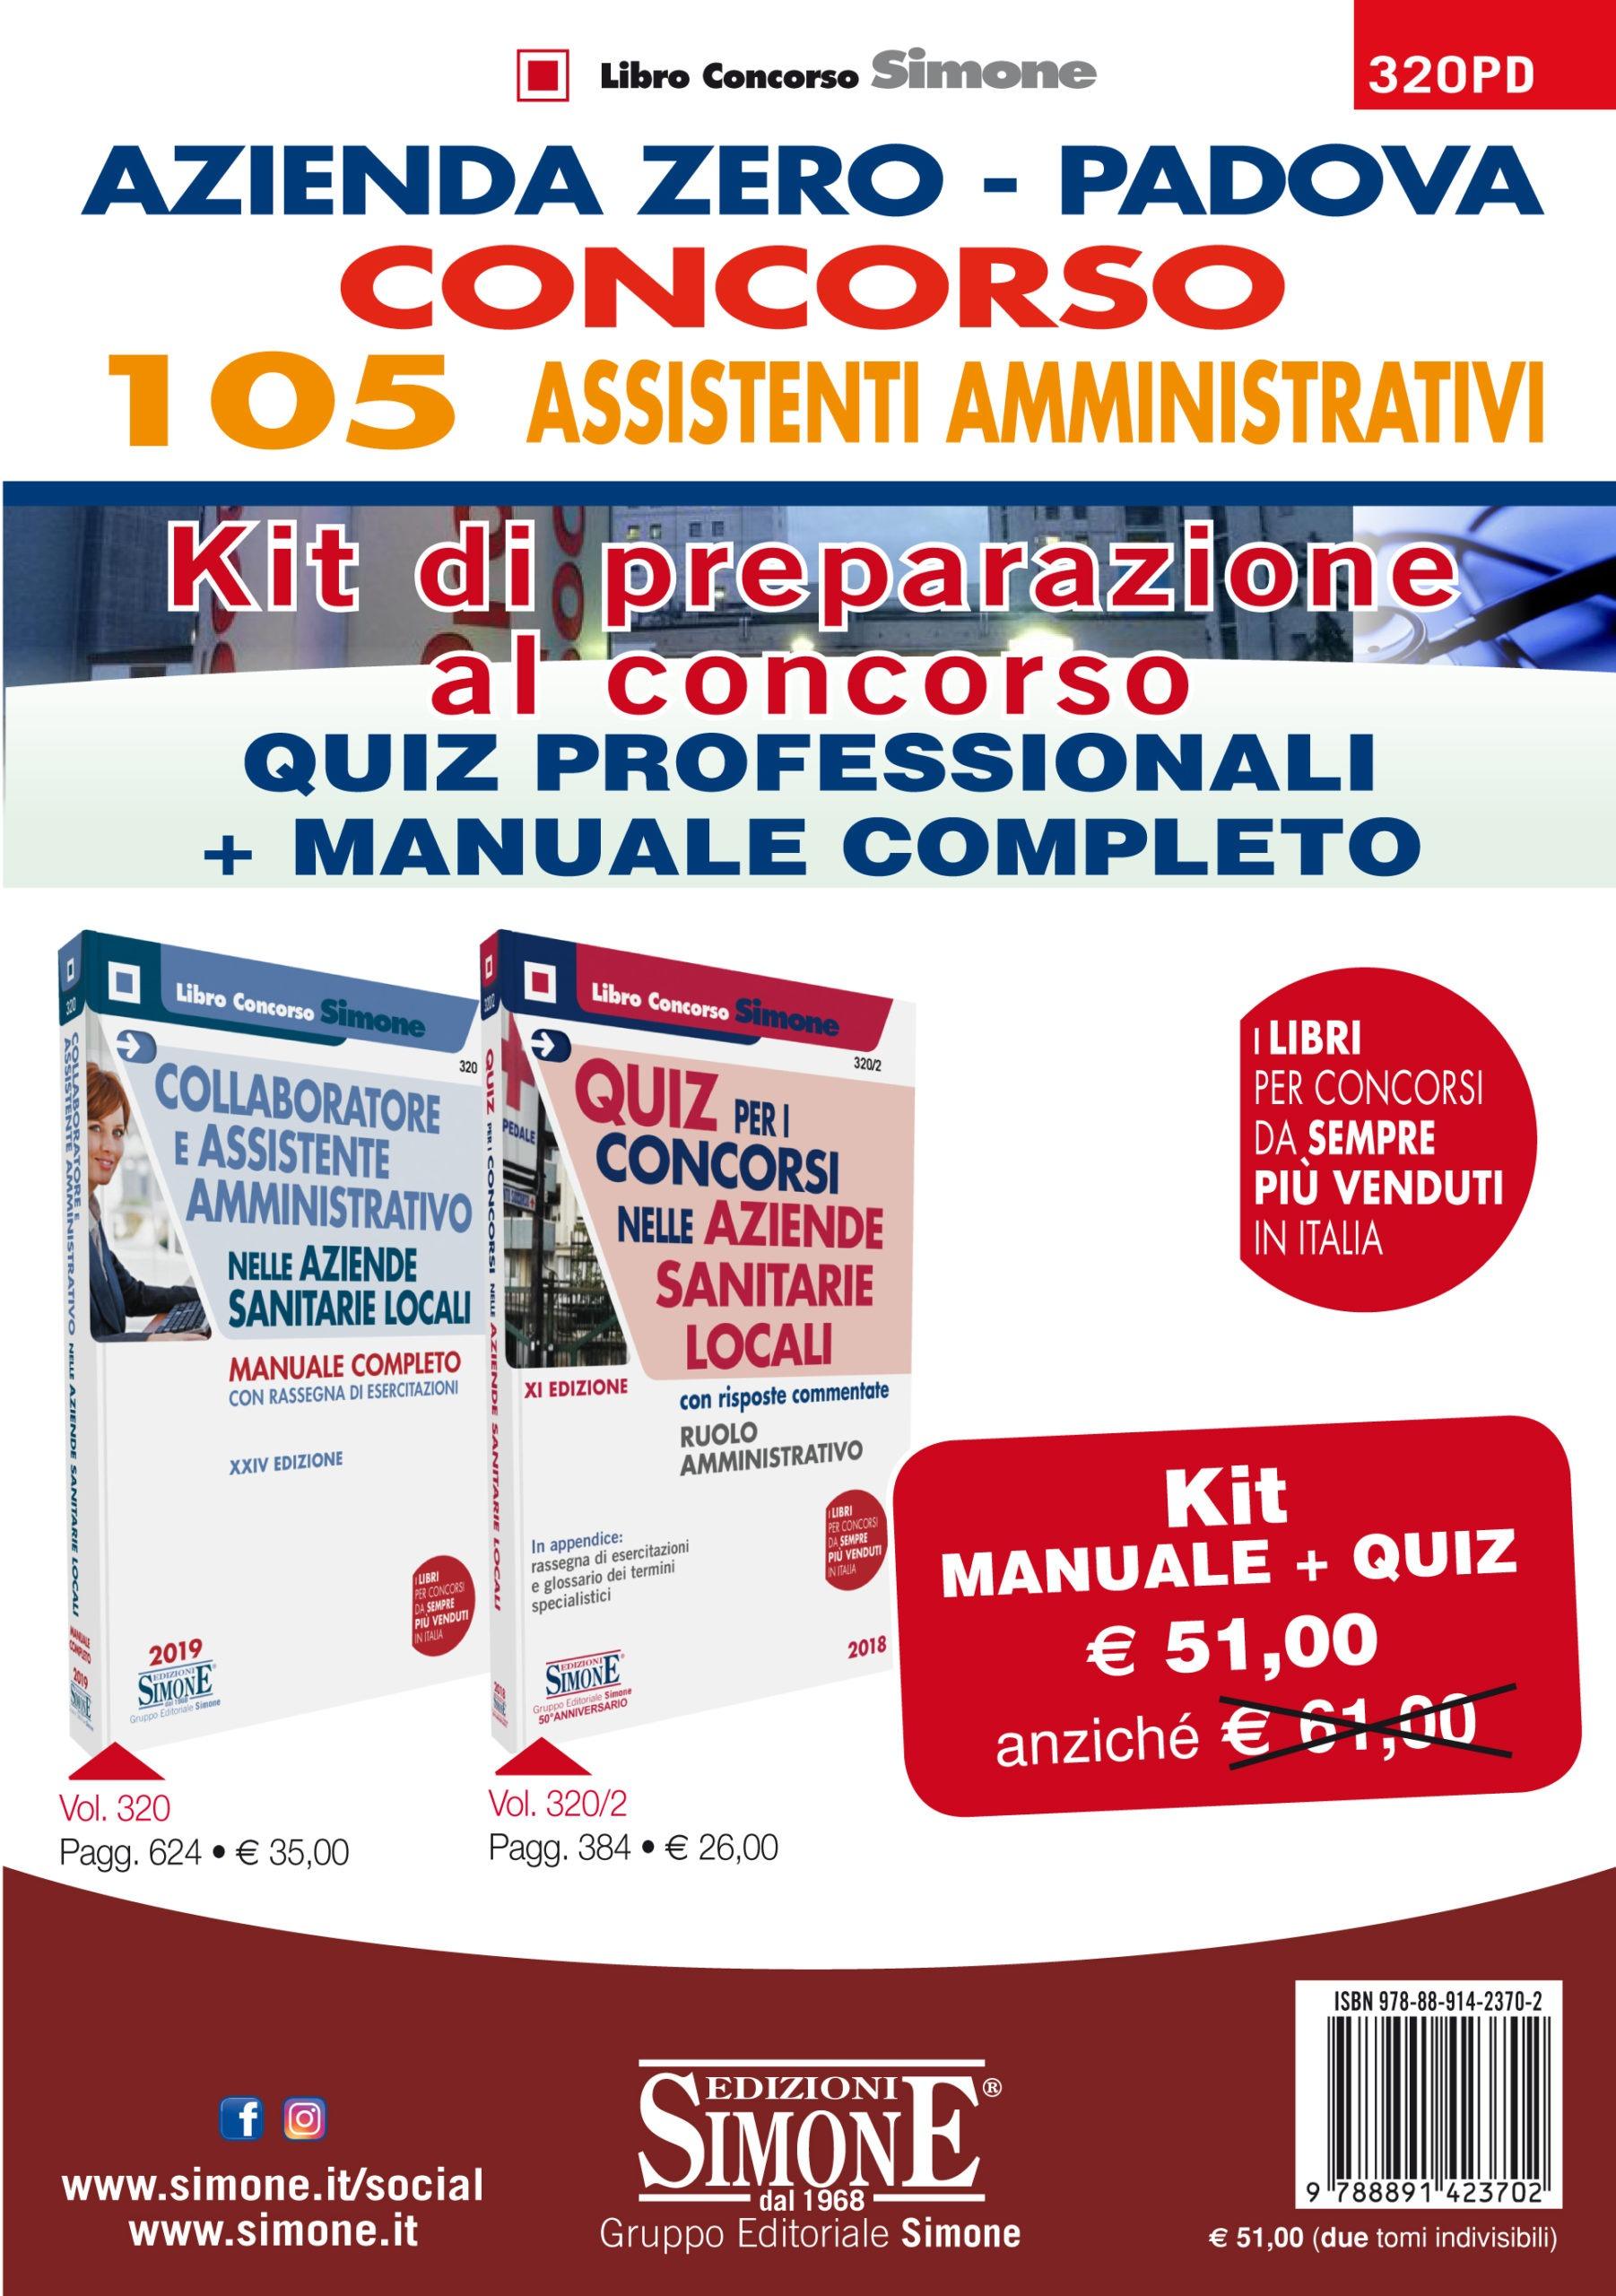 Comune Di Arcugnano Concorsi 320pd - azienda zero - padova - concorso 105 assistenti amministrativi -  kit di preparazione al concorso